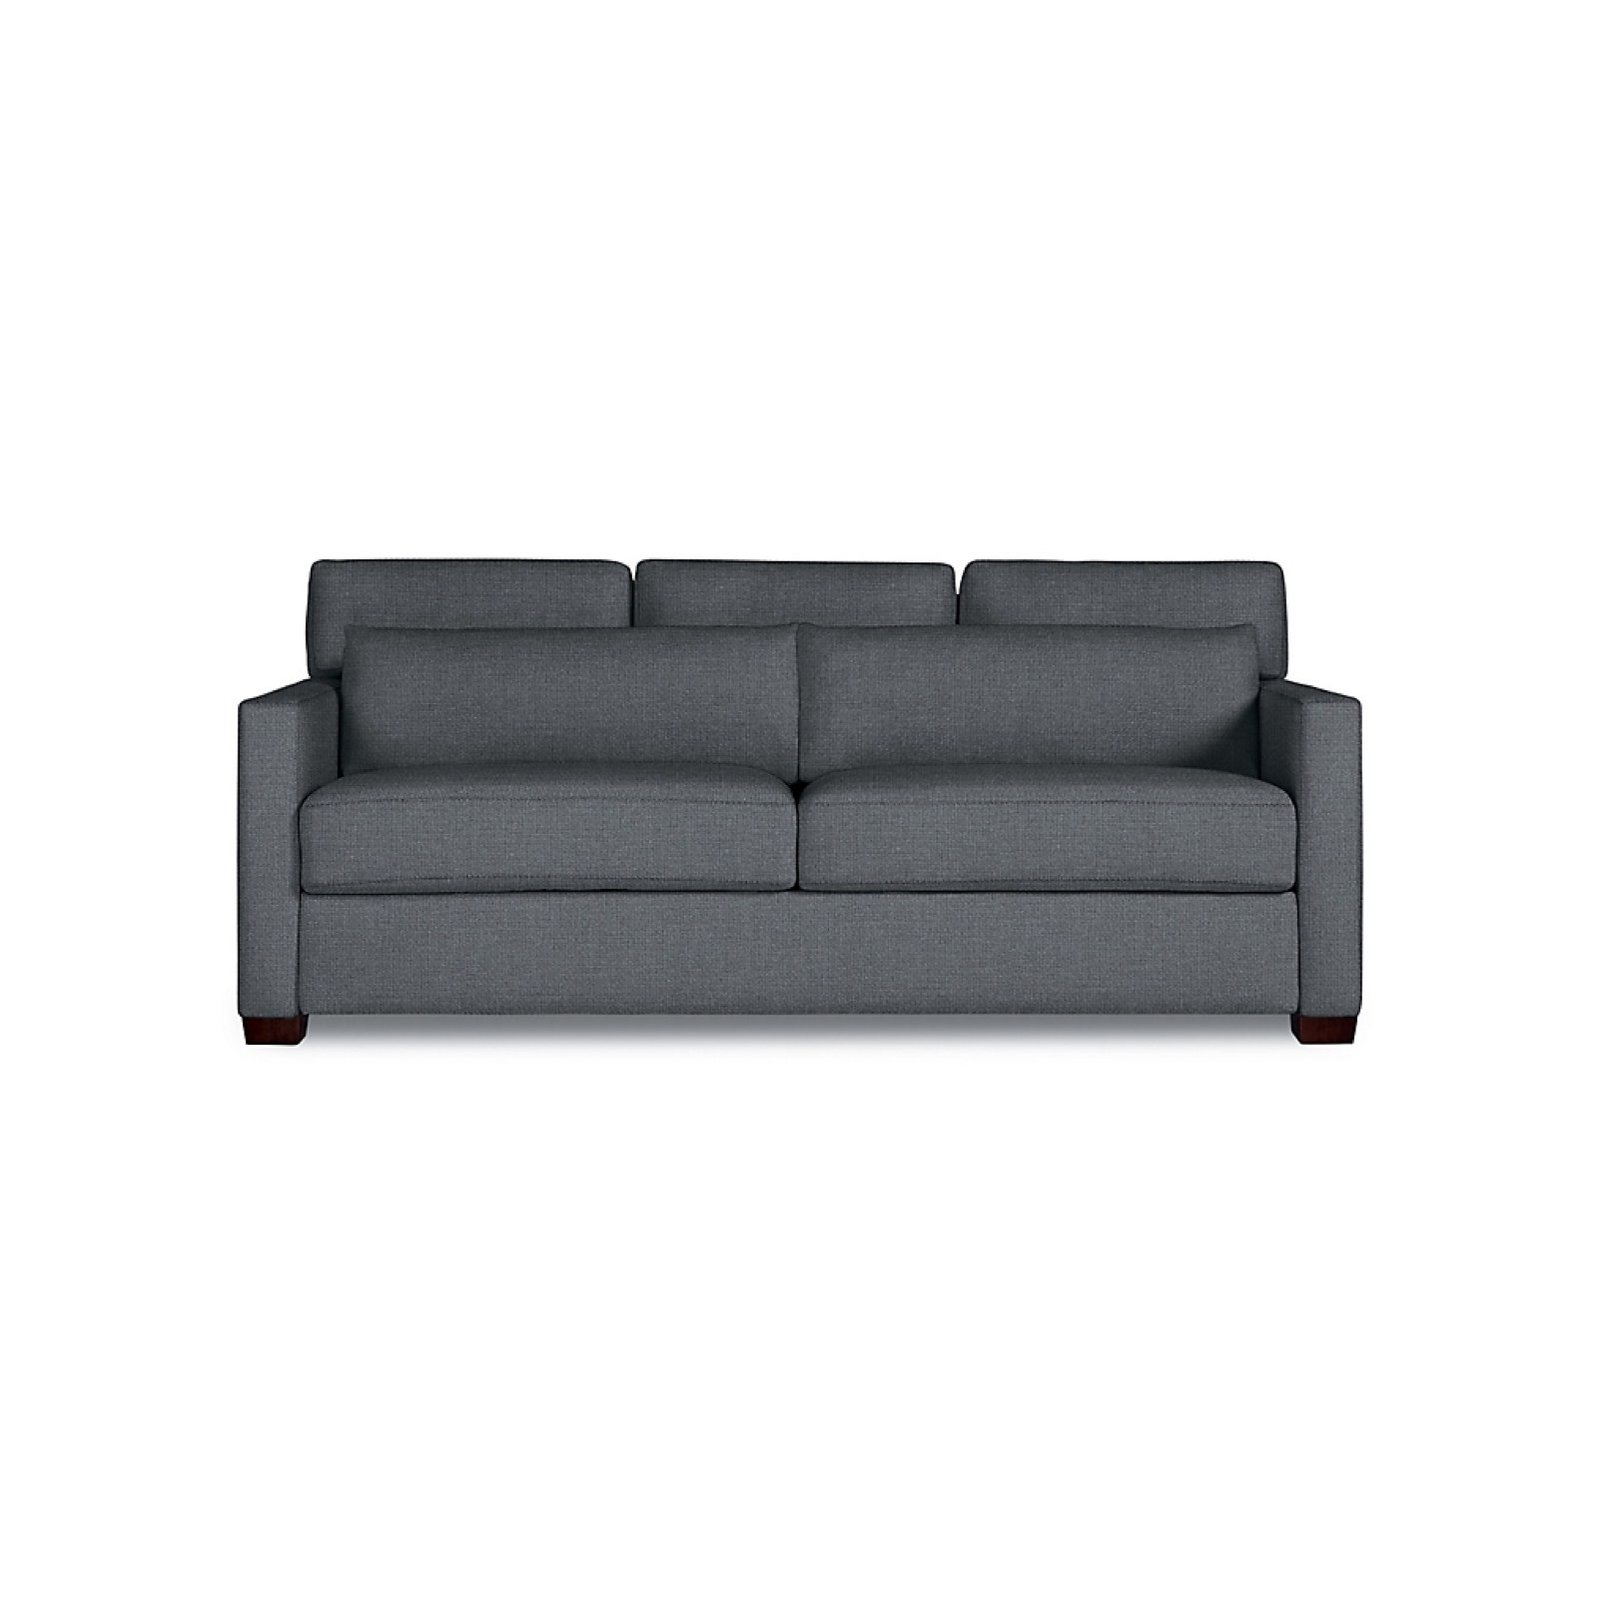 Vesper Queen Sleeper Sofa By Design